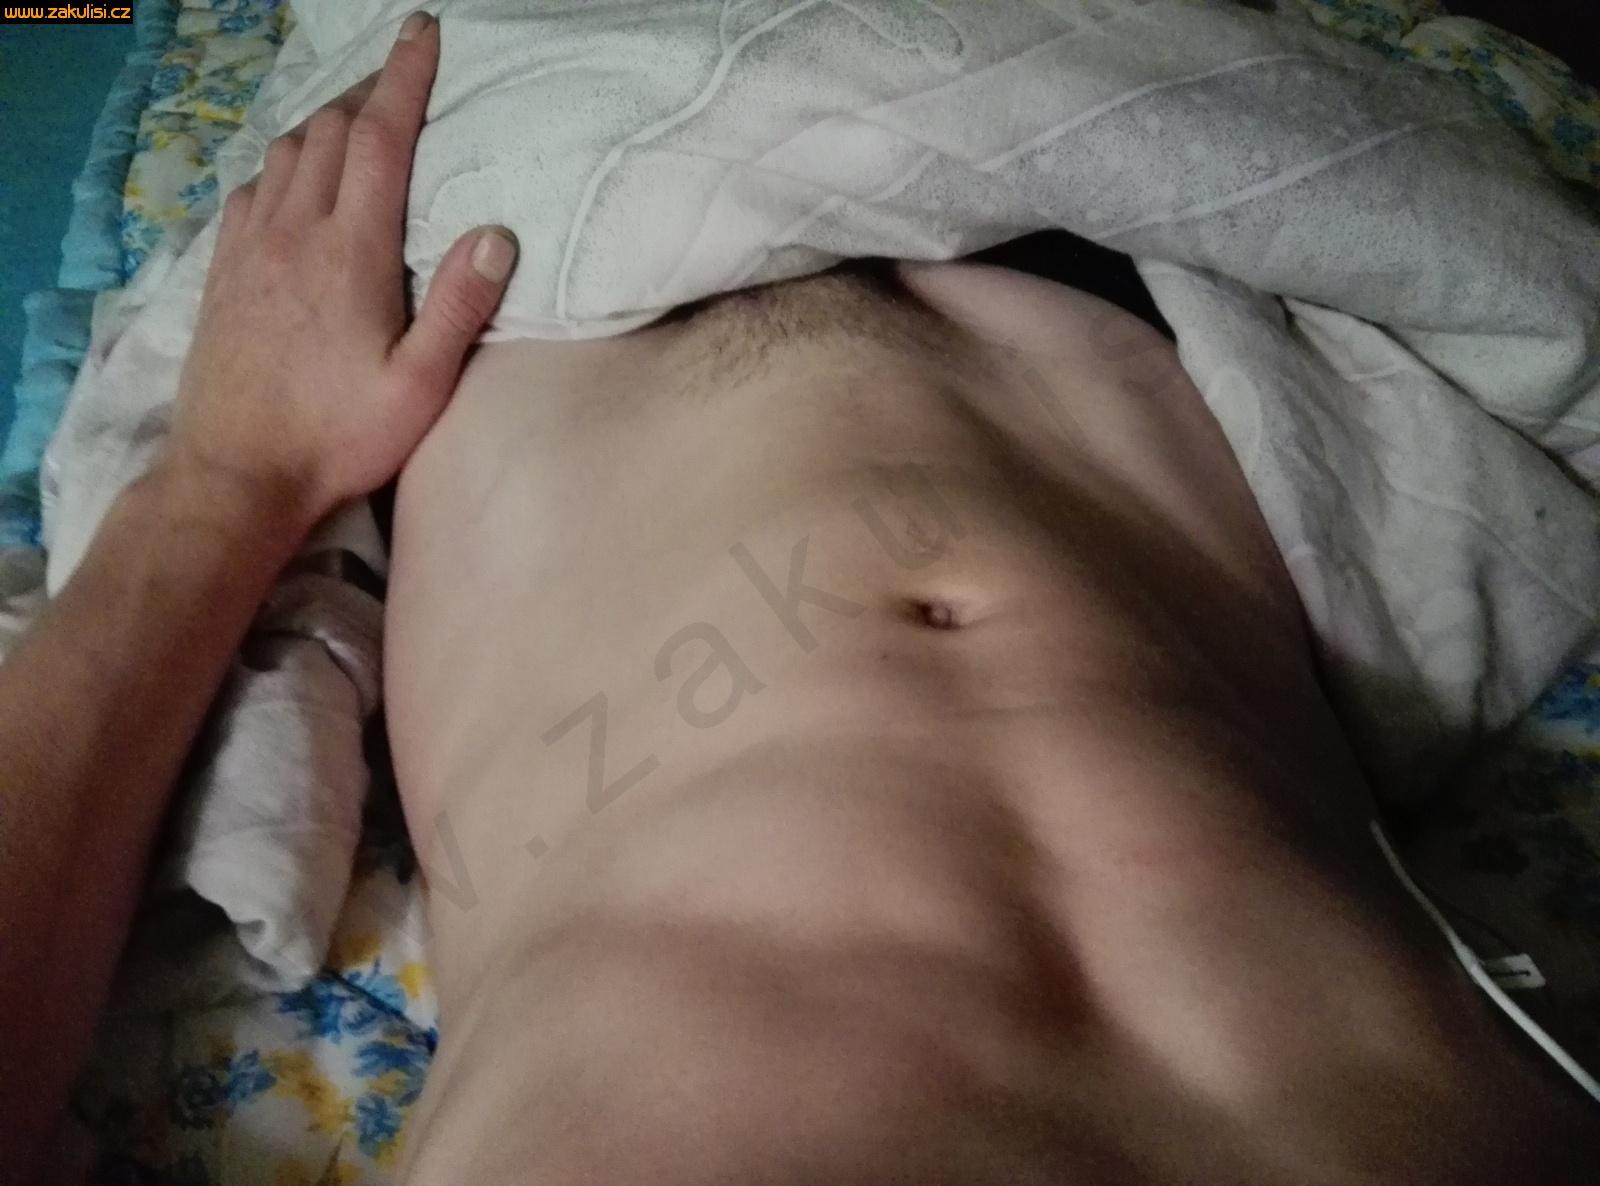 zákulisi brutalni sex